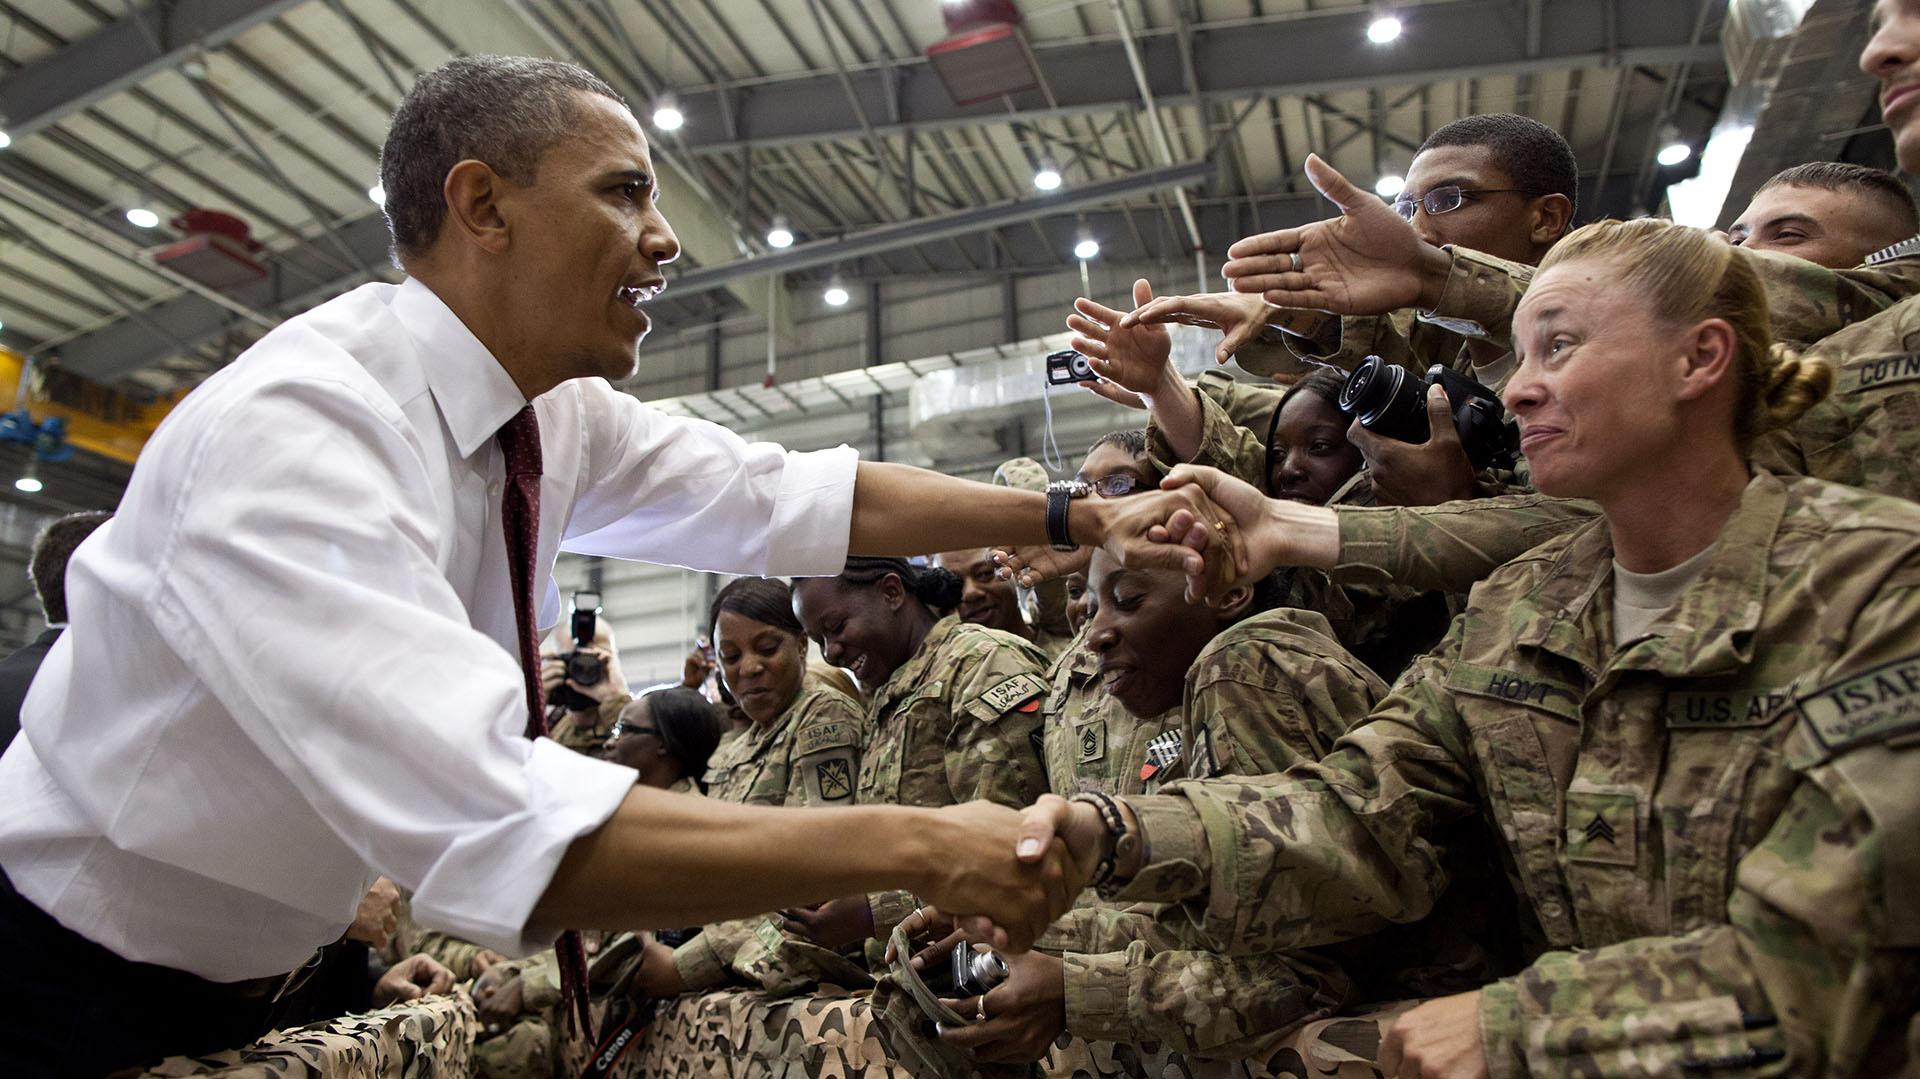 Obama saluda a las tropas estadounidenses en la base Bagram de Afganistán tras una visita sopresiva el 1° de May de 2012. (Official White House Photo by Pete Souza)